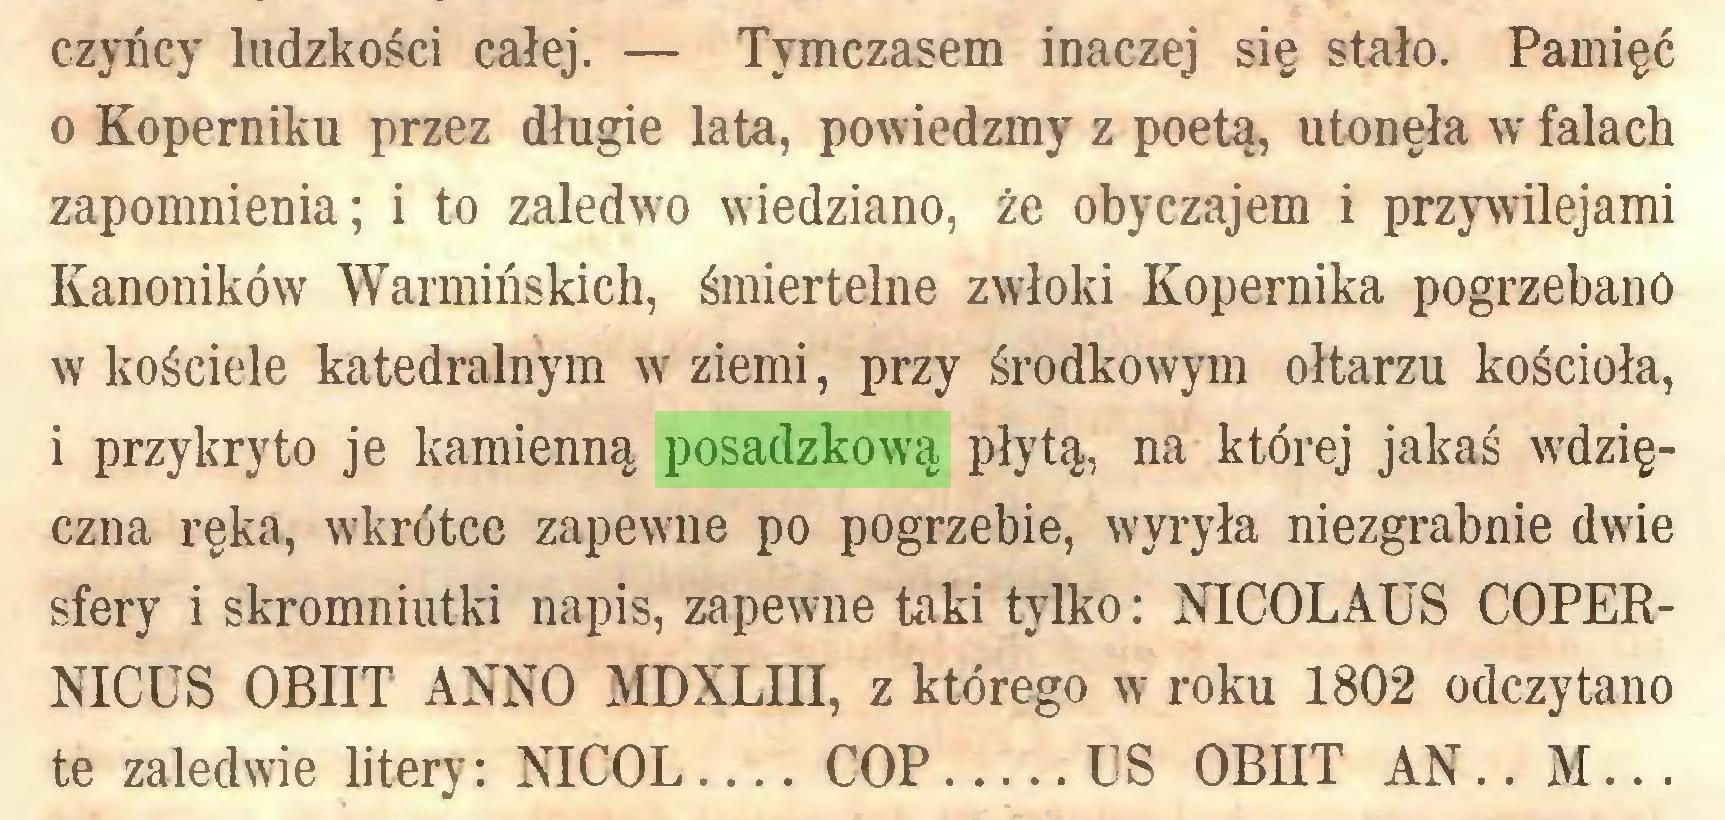 (...) czyńcy ludzkości całej. — Tymczasem inaczej się stało. Pamięć 0 Koperniku przez długie lata, powiedzmy z poetą, utonęła w falach zapomnienia; i to zaledwo wiedziano, że obyczajem i przywilejami Kanoników Warmińskich, śmiertelne zwłoki Kopernika pogrzebano w kościele katedralnym w ziemi, przy środkowym ołtarzu kościoła, 1 przykryto je kamienną posadzkową płytą, na której jakaś wdzięczna ręka, wkrótce zapewne po pogrzebie, wyryła niezgrabnie dwie sfery i skromniutki napis, zapewne taki tylko: NICOLAUS COPERNICUS OBIIT ANNO MDXLIH, z którego w roku 1802 odczytano te zaledwie litery: NICOL COP ES OBIIT AN.. M...